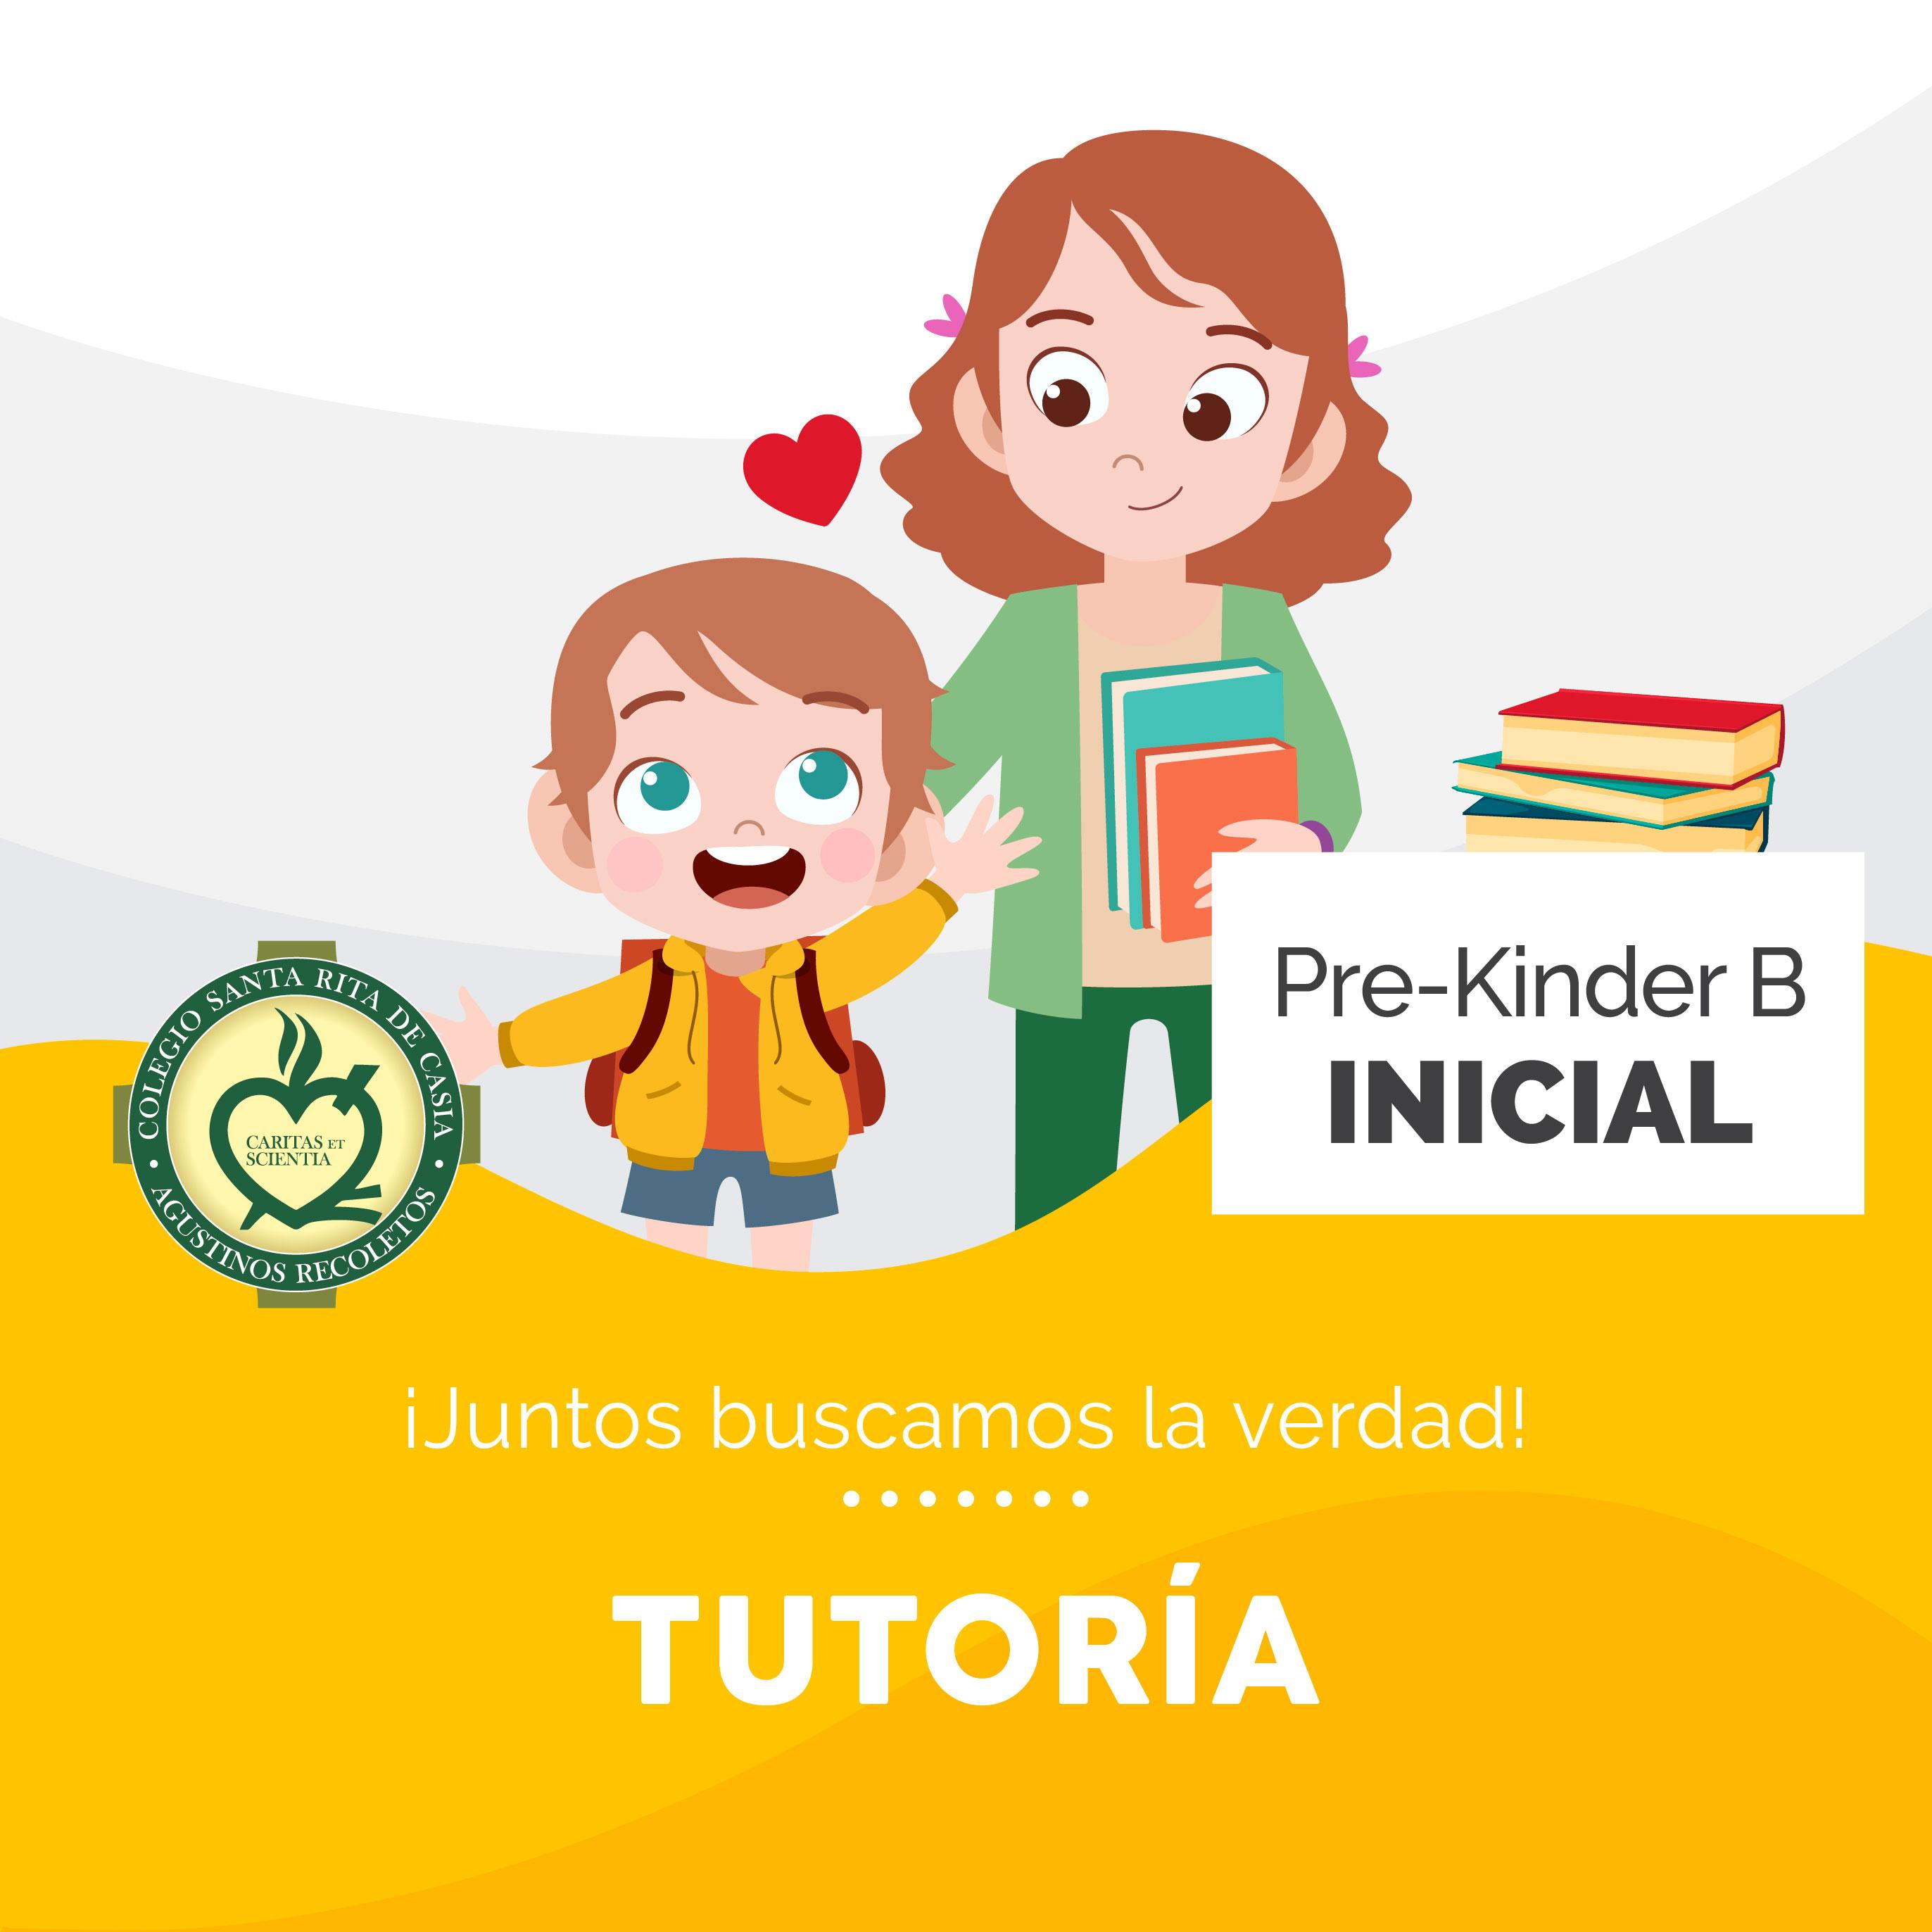 Tutoría Pre-Kinder B